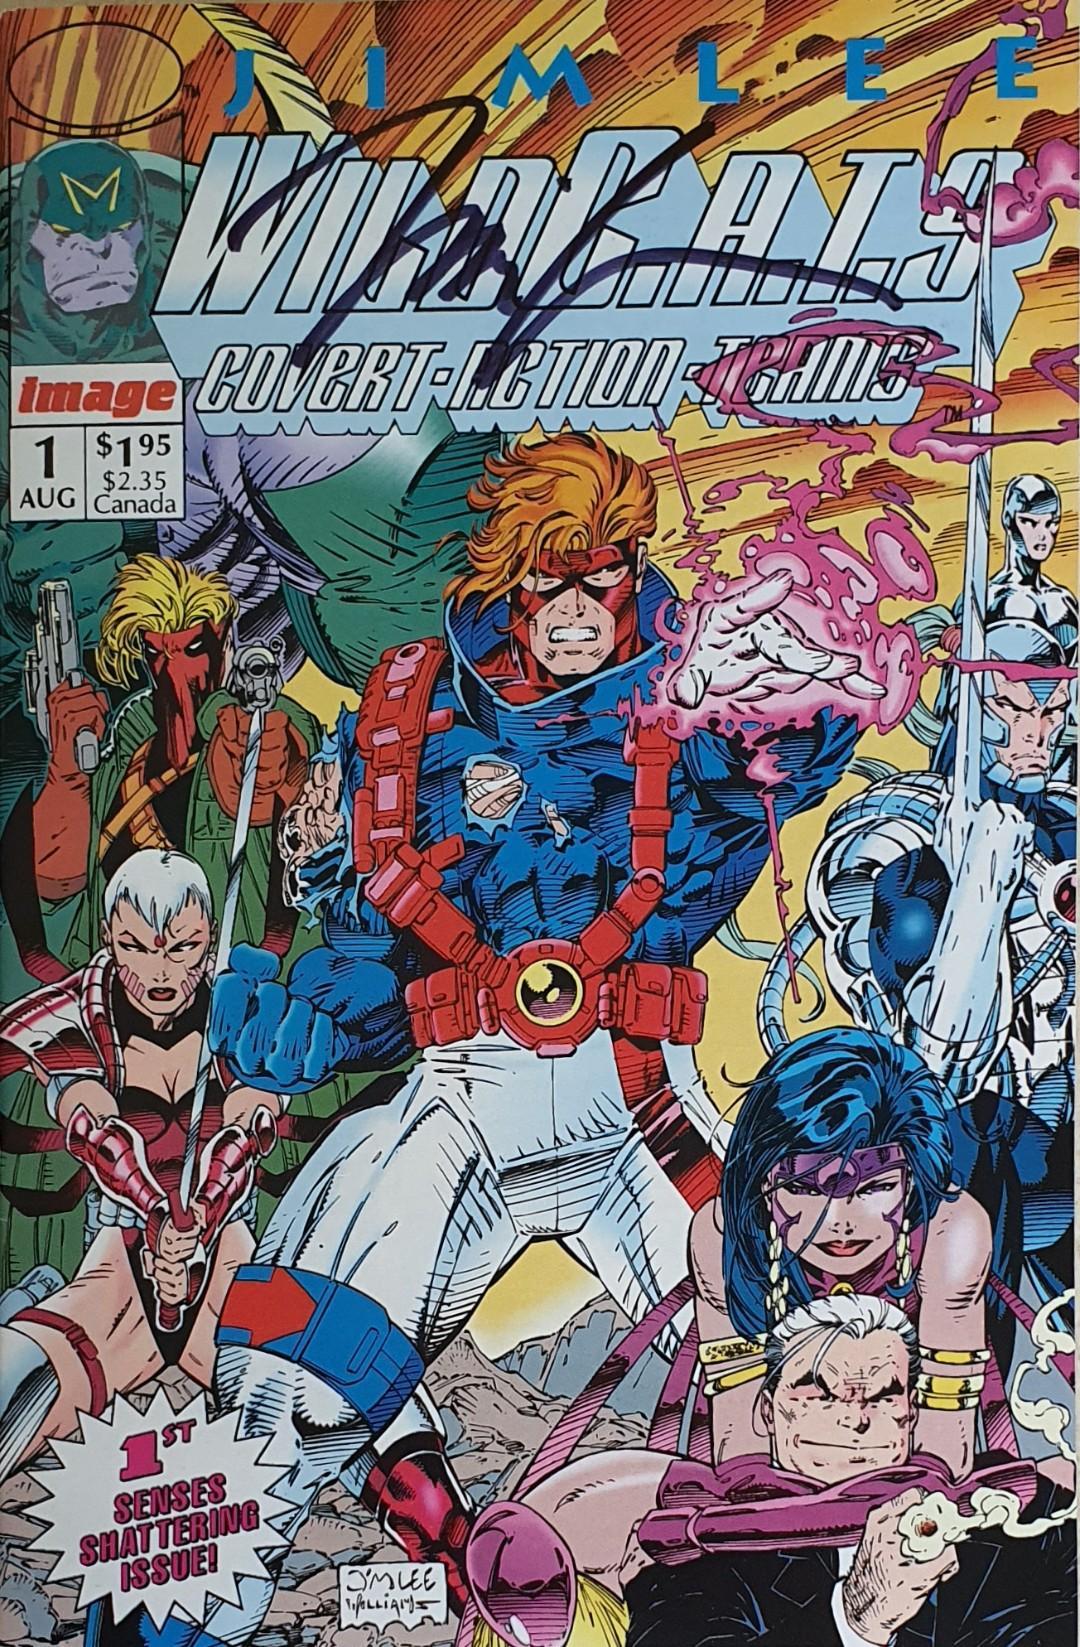 Jim Lee Wildcats 1 Image Comics 1992 Wildc.a.t.s